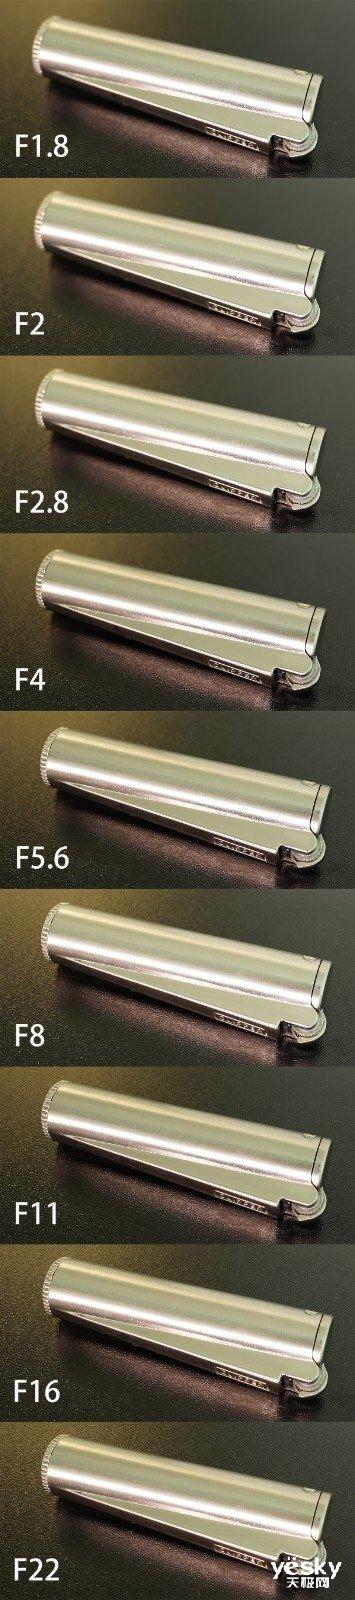 索尼FE 20mm F1.8 G�w���u